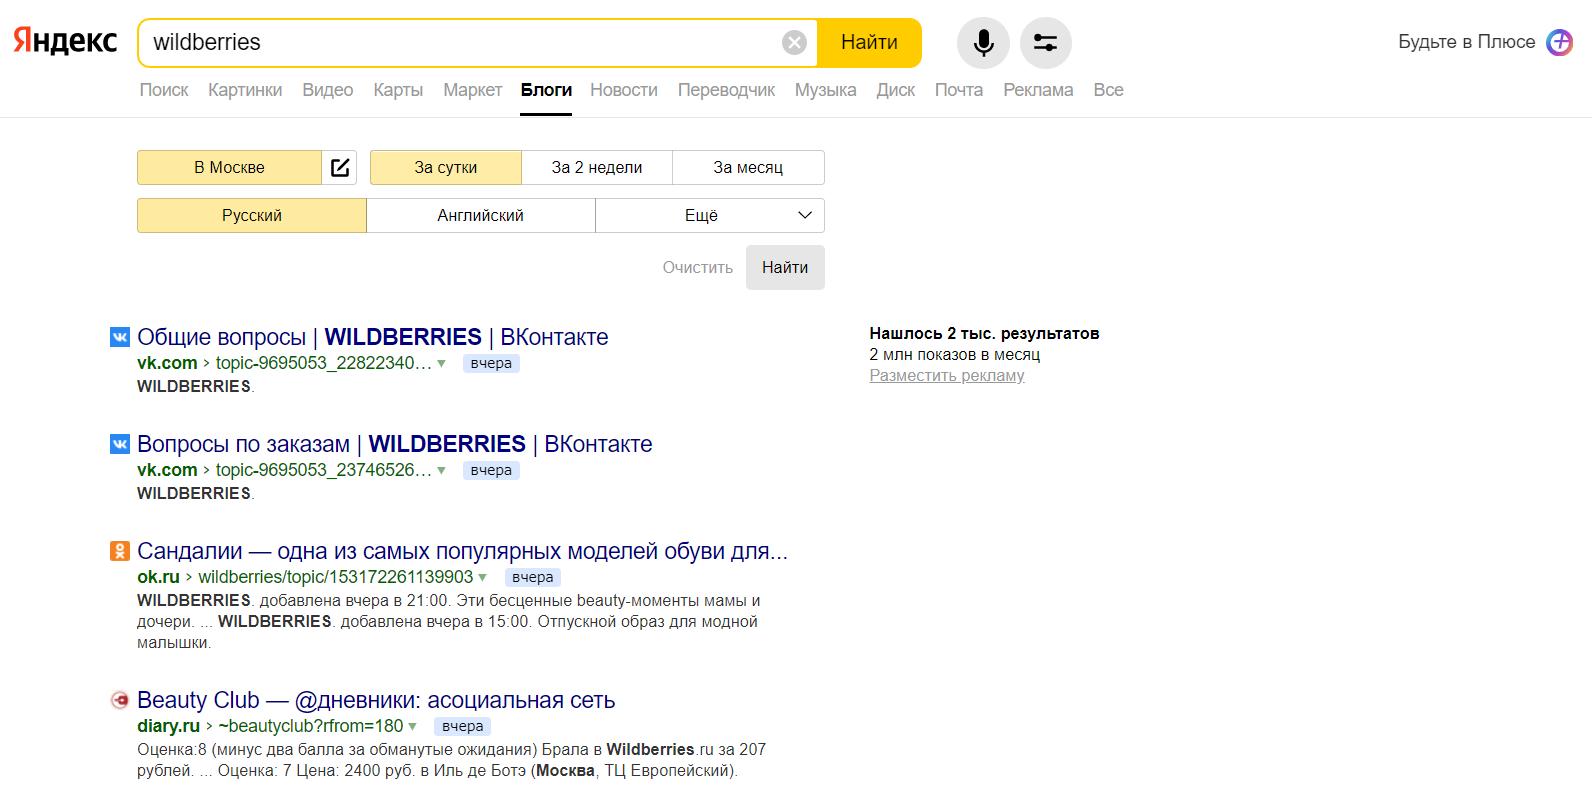 Ищем упоминания через Яндекс.Блоги